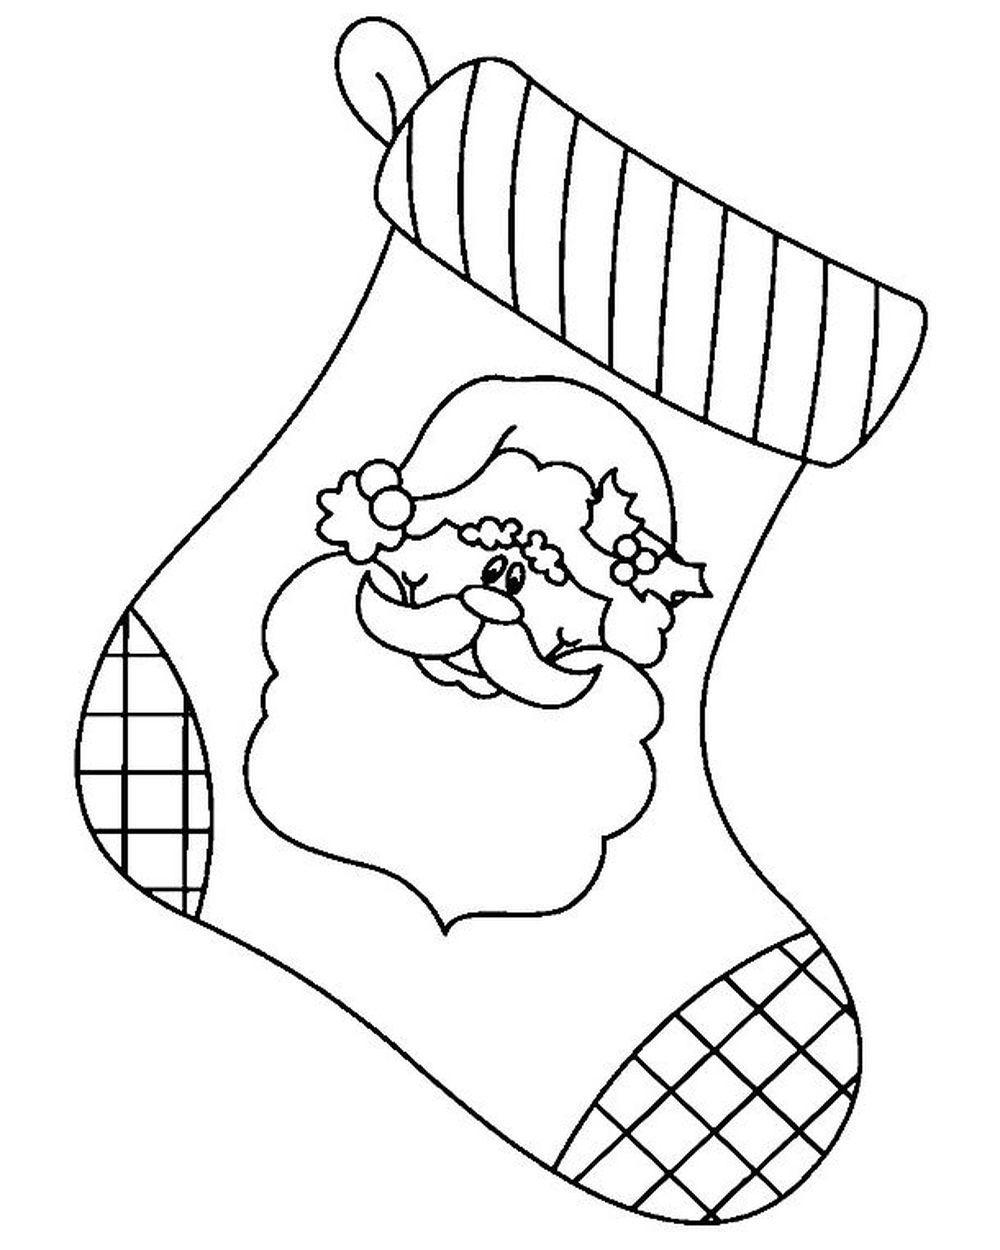 раскраска новогодний носок распечатать